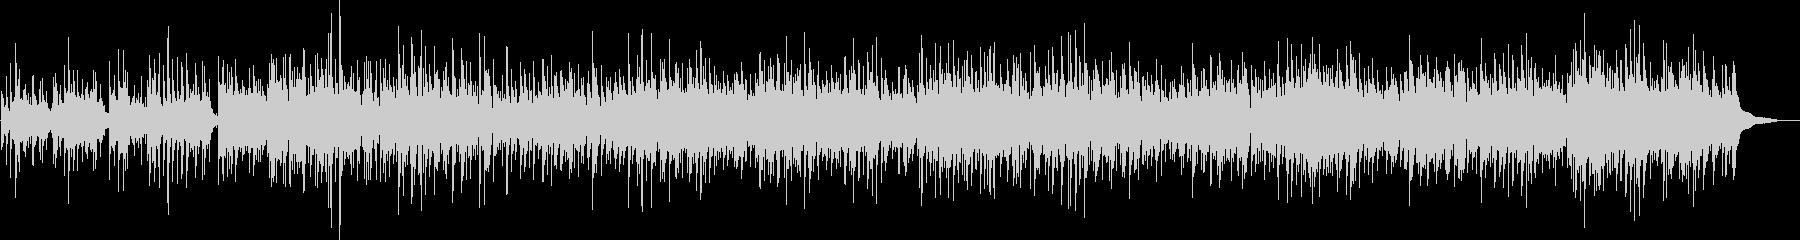 南米の民族楽器によるヒーリング曲の未再生の波形